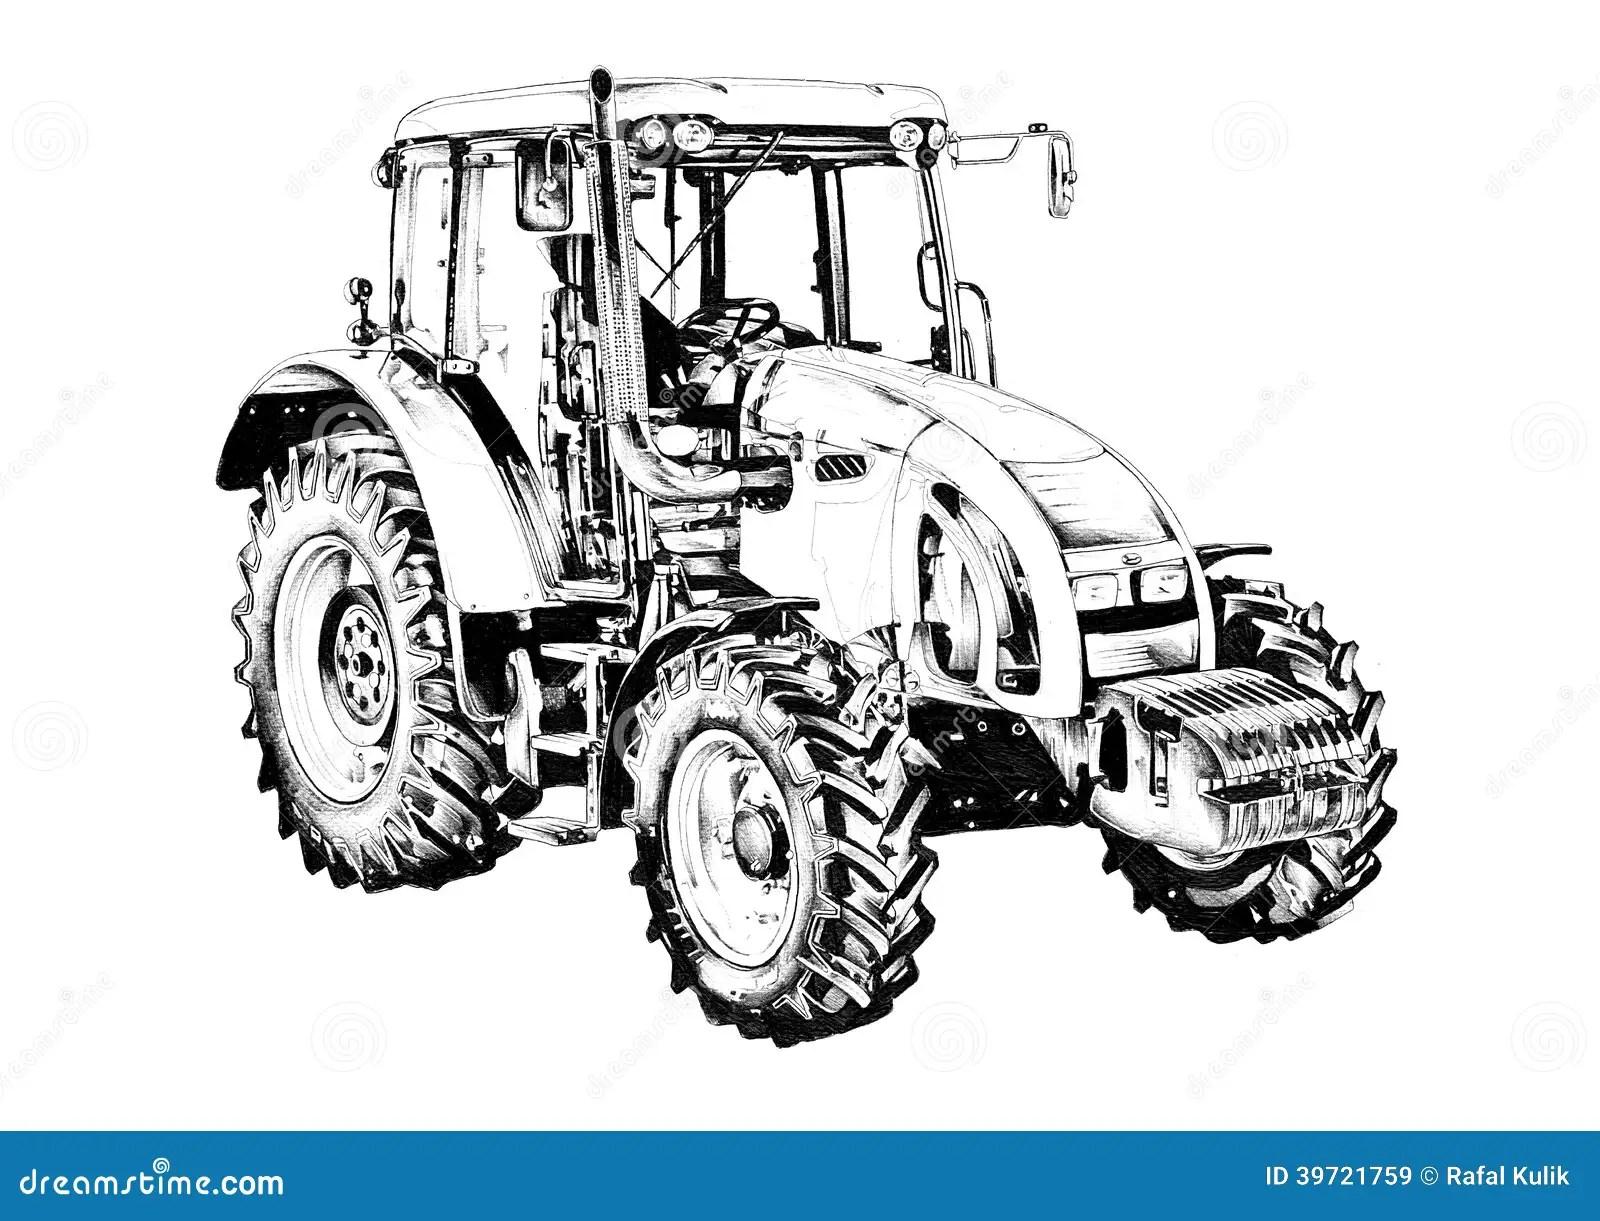 Rolniczego Ci Gnika Sztuki Ilustracyjny Rysunek Ilustracji